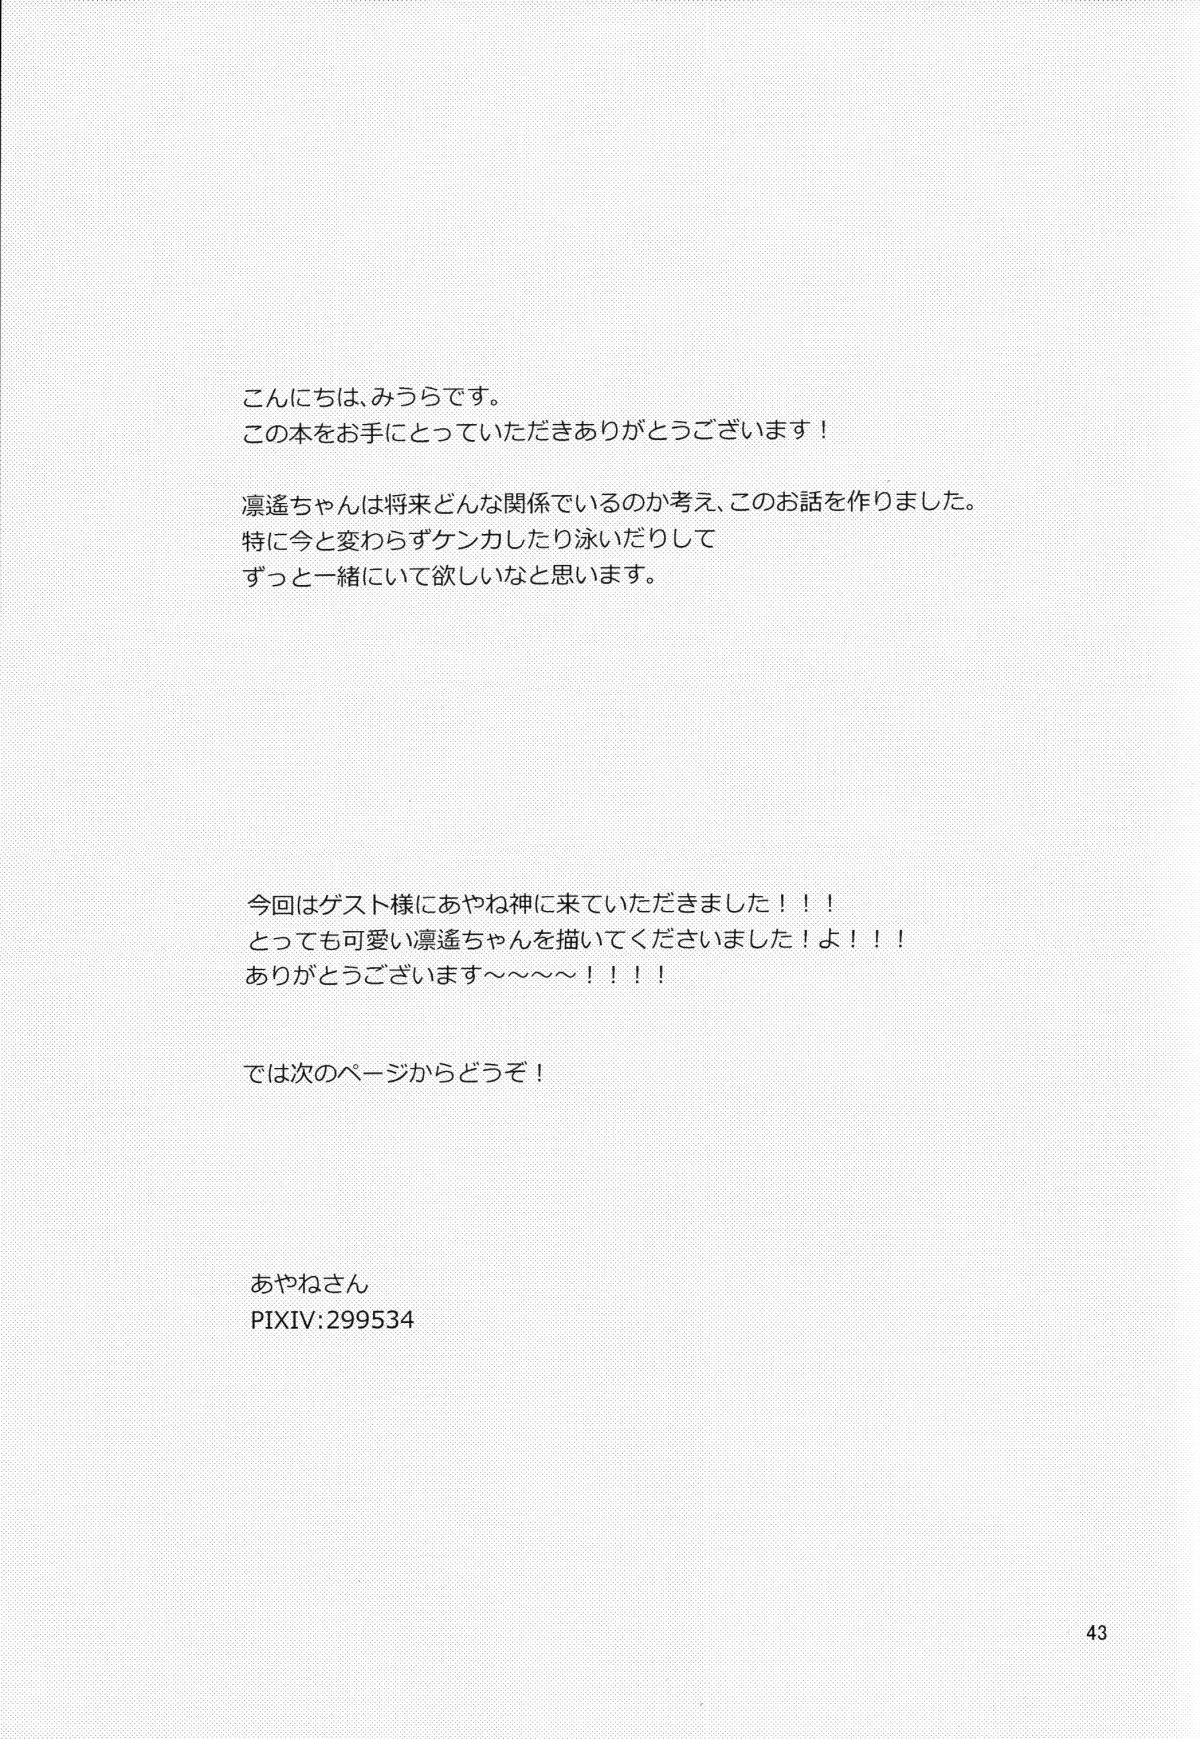 Sayonara, Bokura no Hatsukoi 41